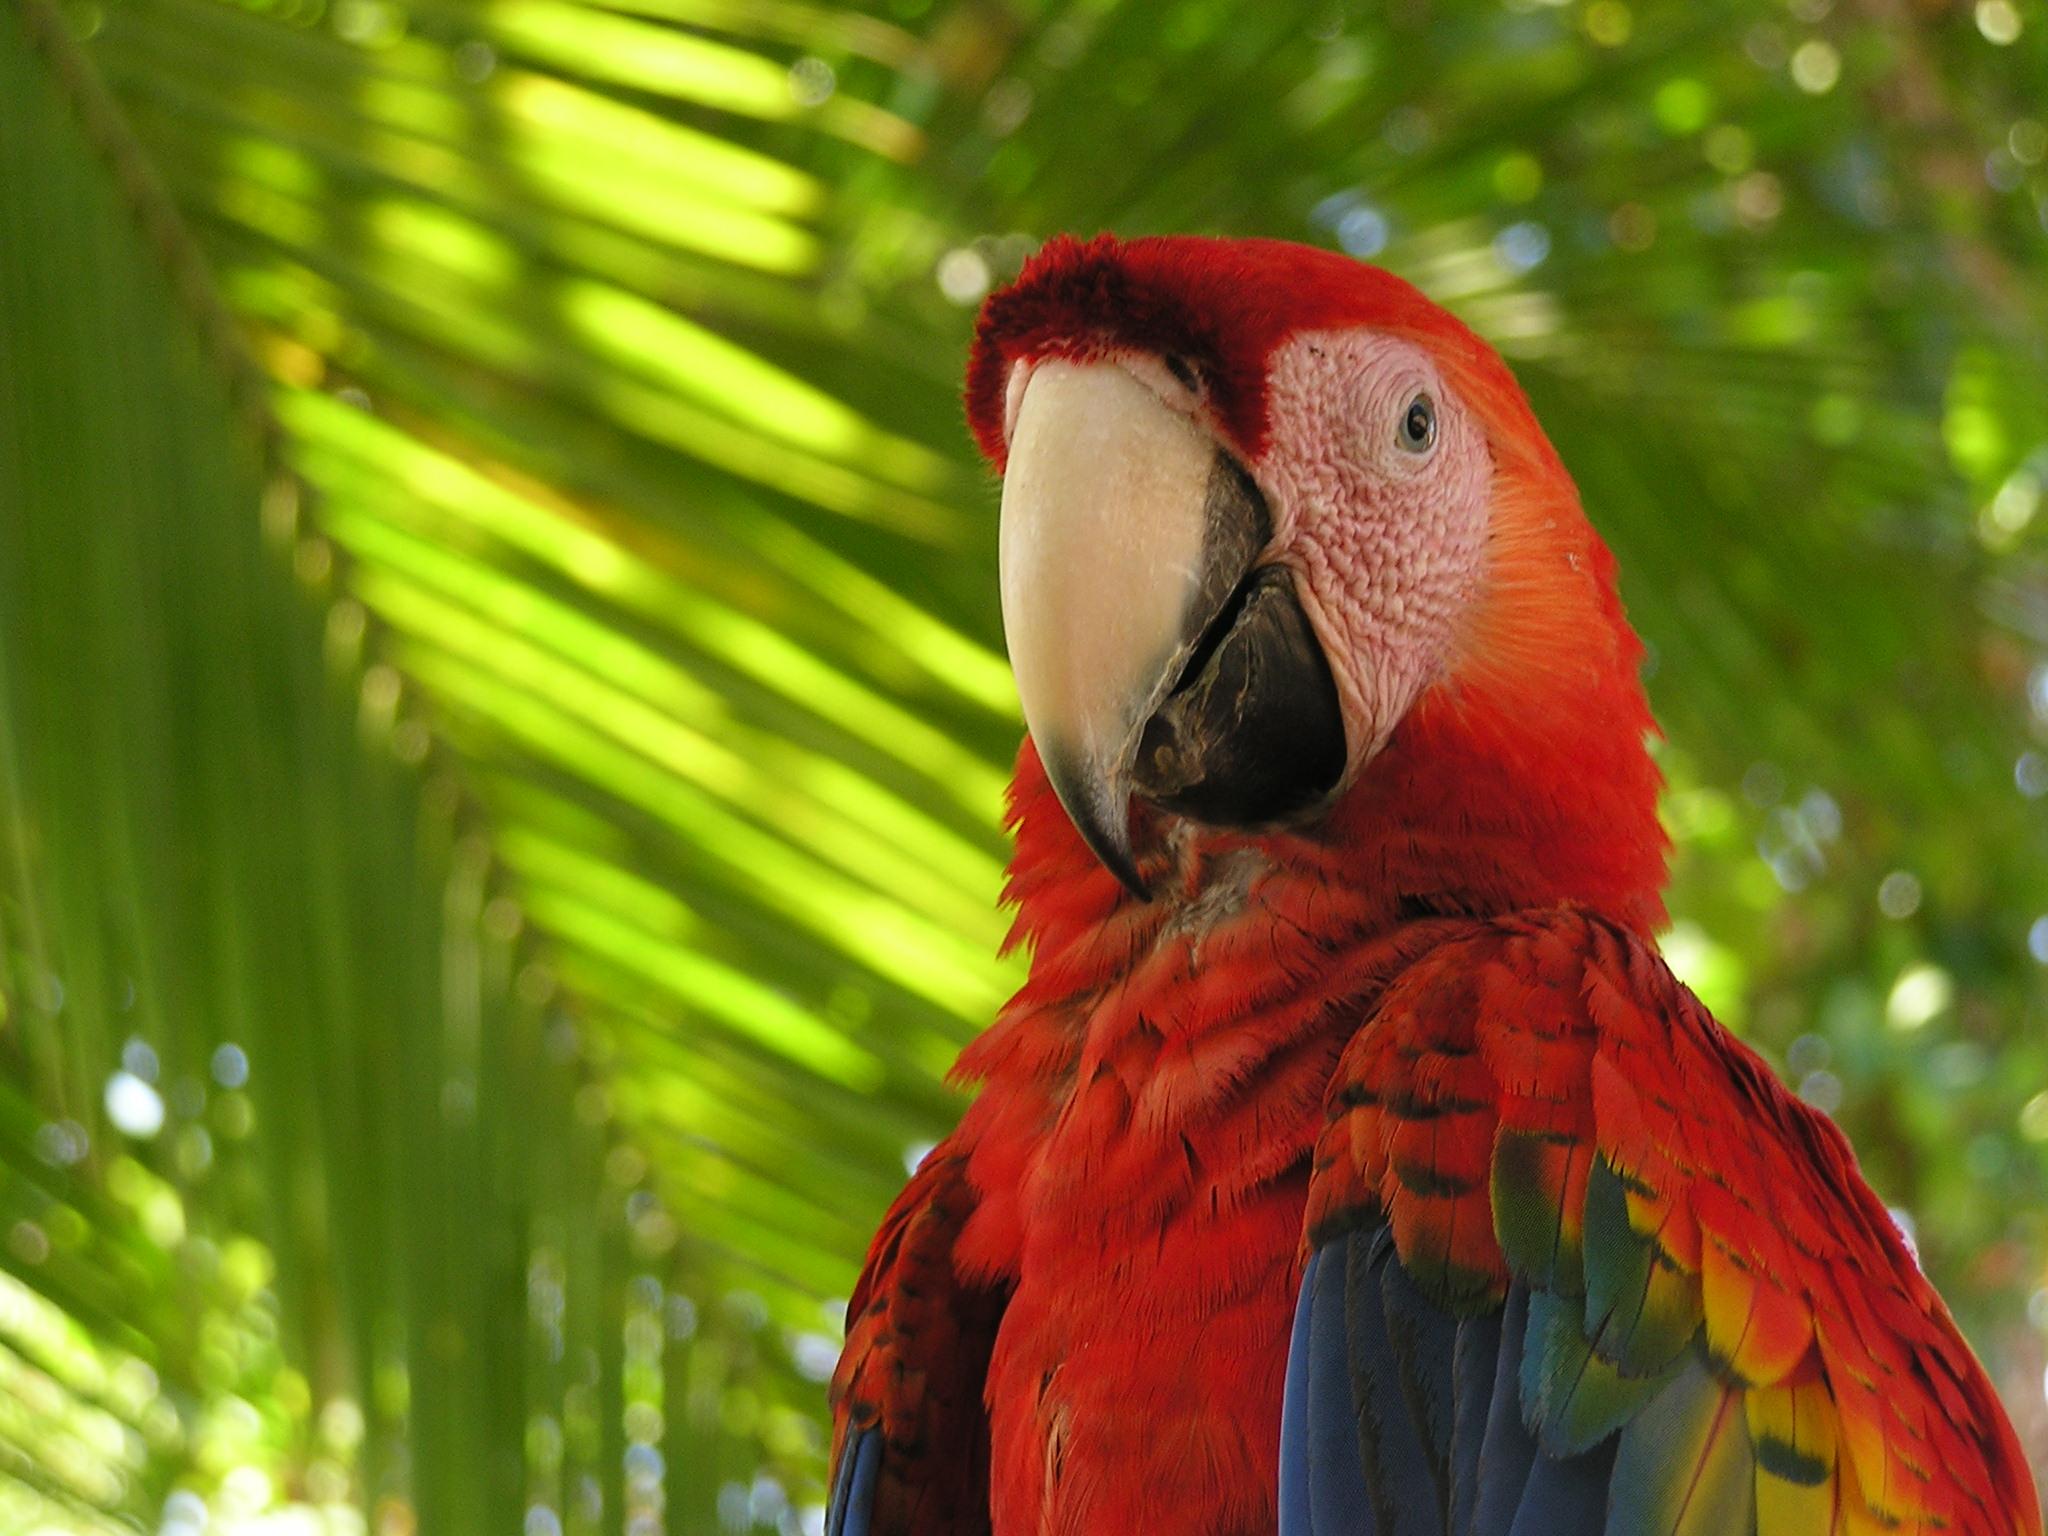 scarlet-macaw-1365128